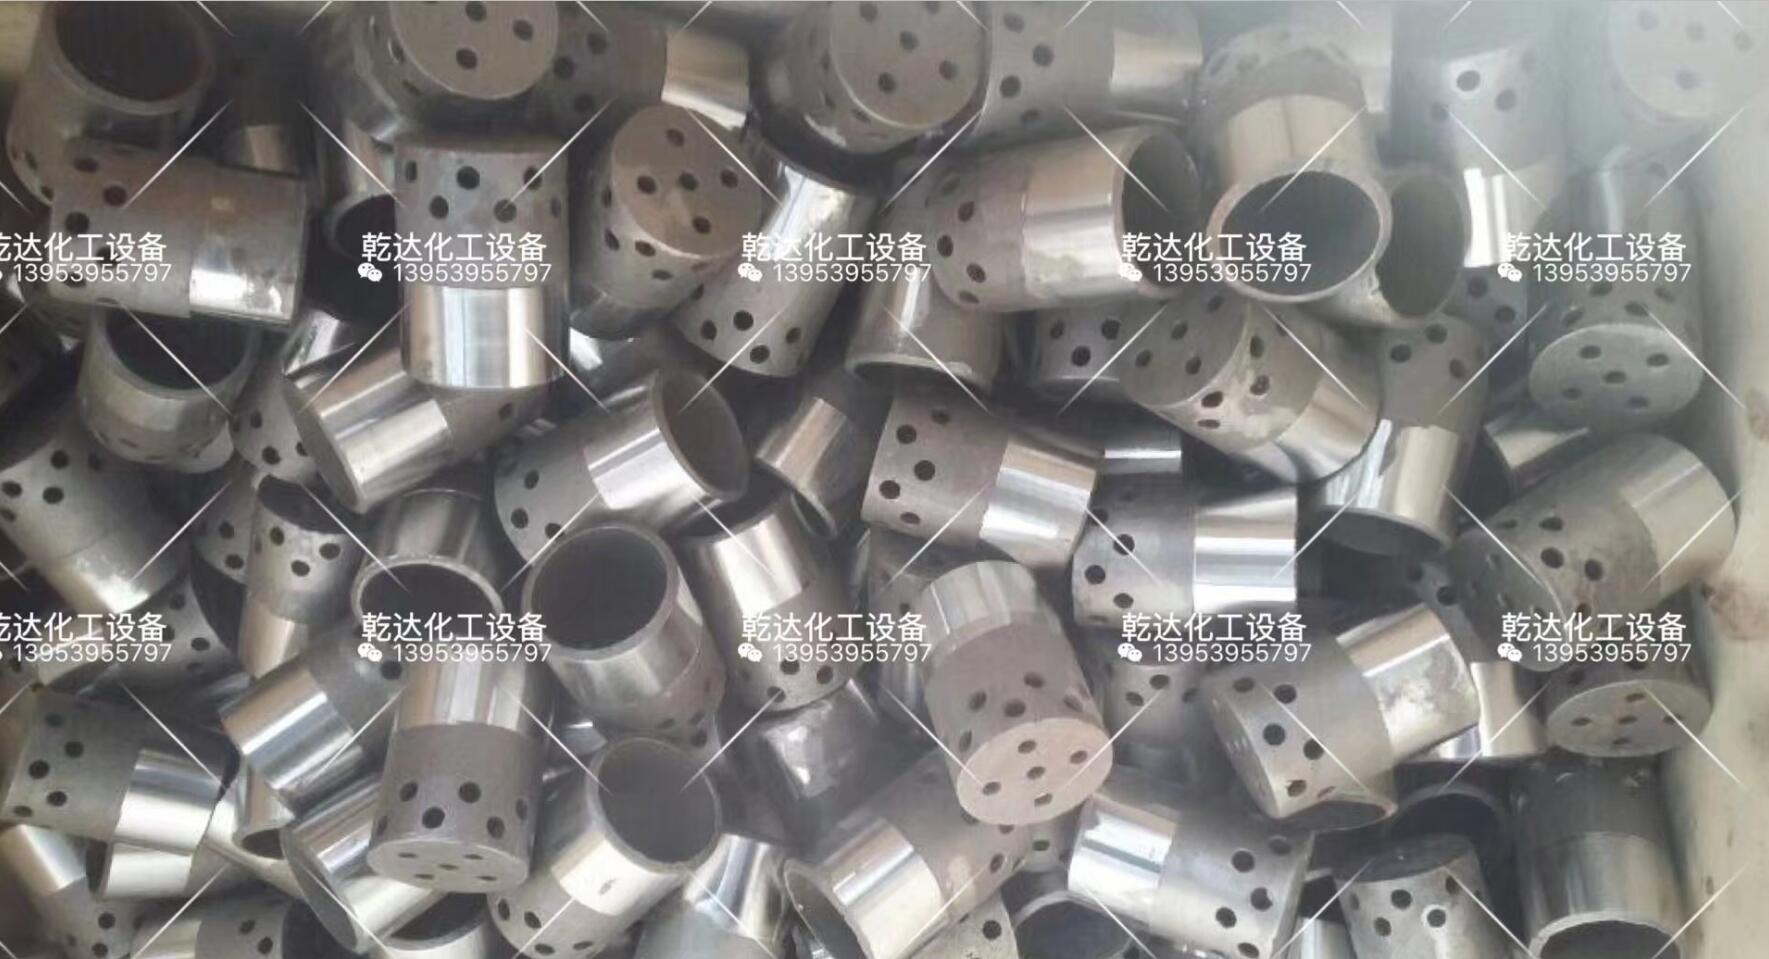 乾達化工設備優良的沸騰爐風帽-貴州鋼襯po管道價格